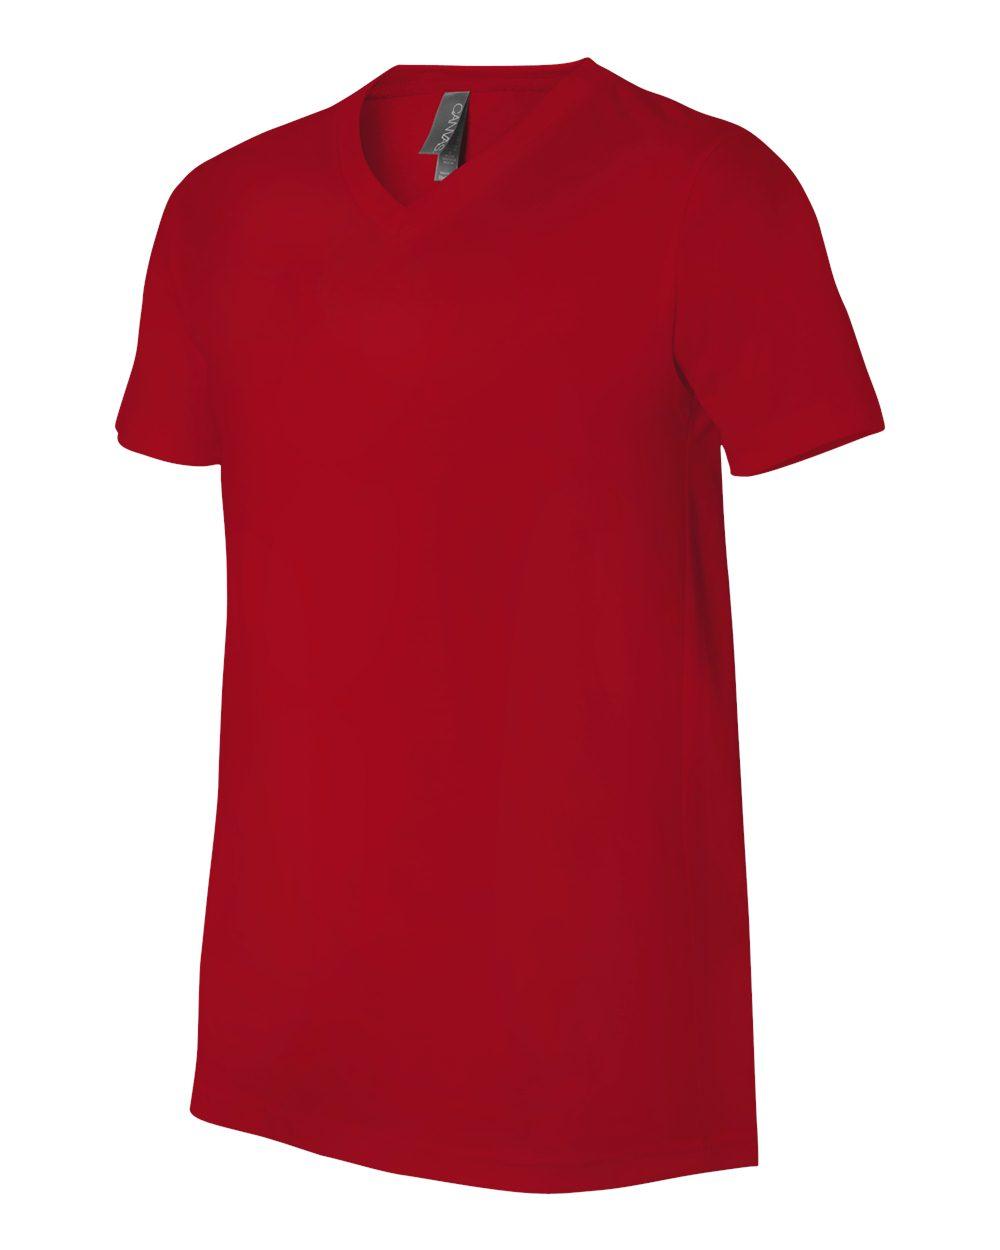 Bella-Canvas-Men-039-s-Jersey-Short-Sleeve-V-Neck-T-Shirt-3005-XS-3XL thumbnail 112